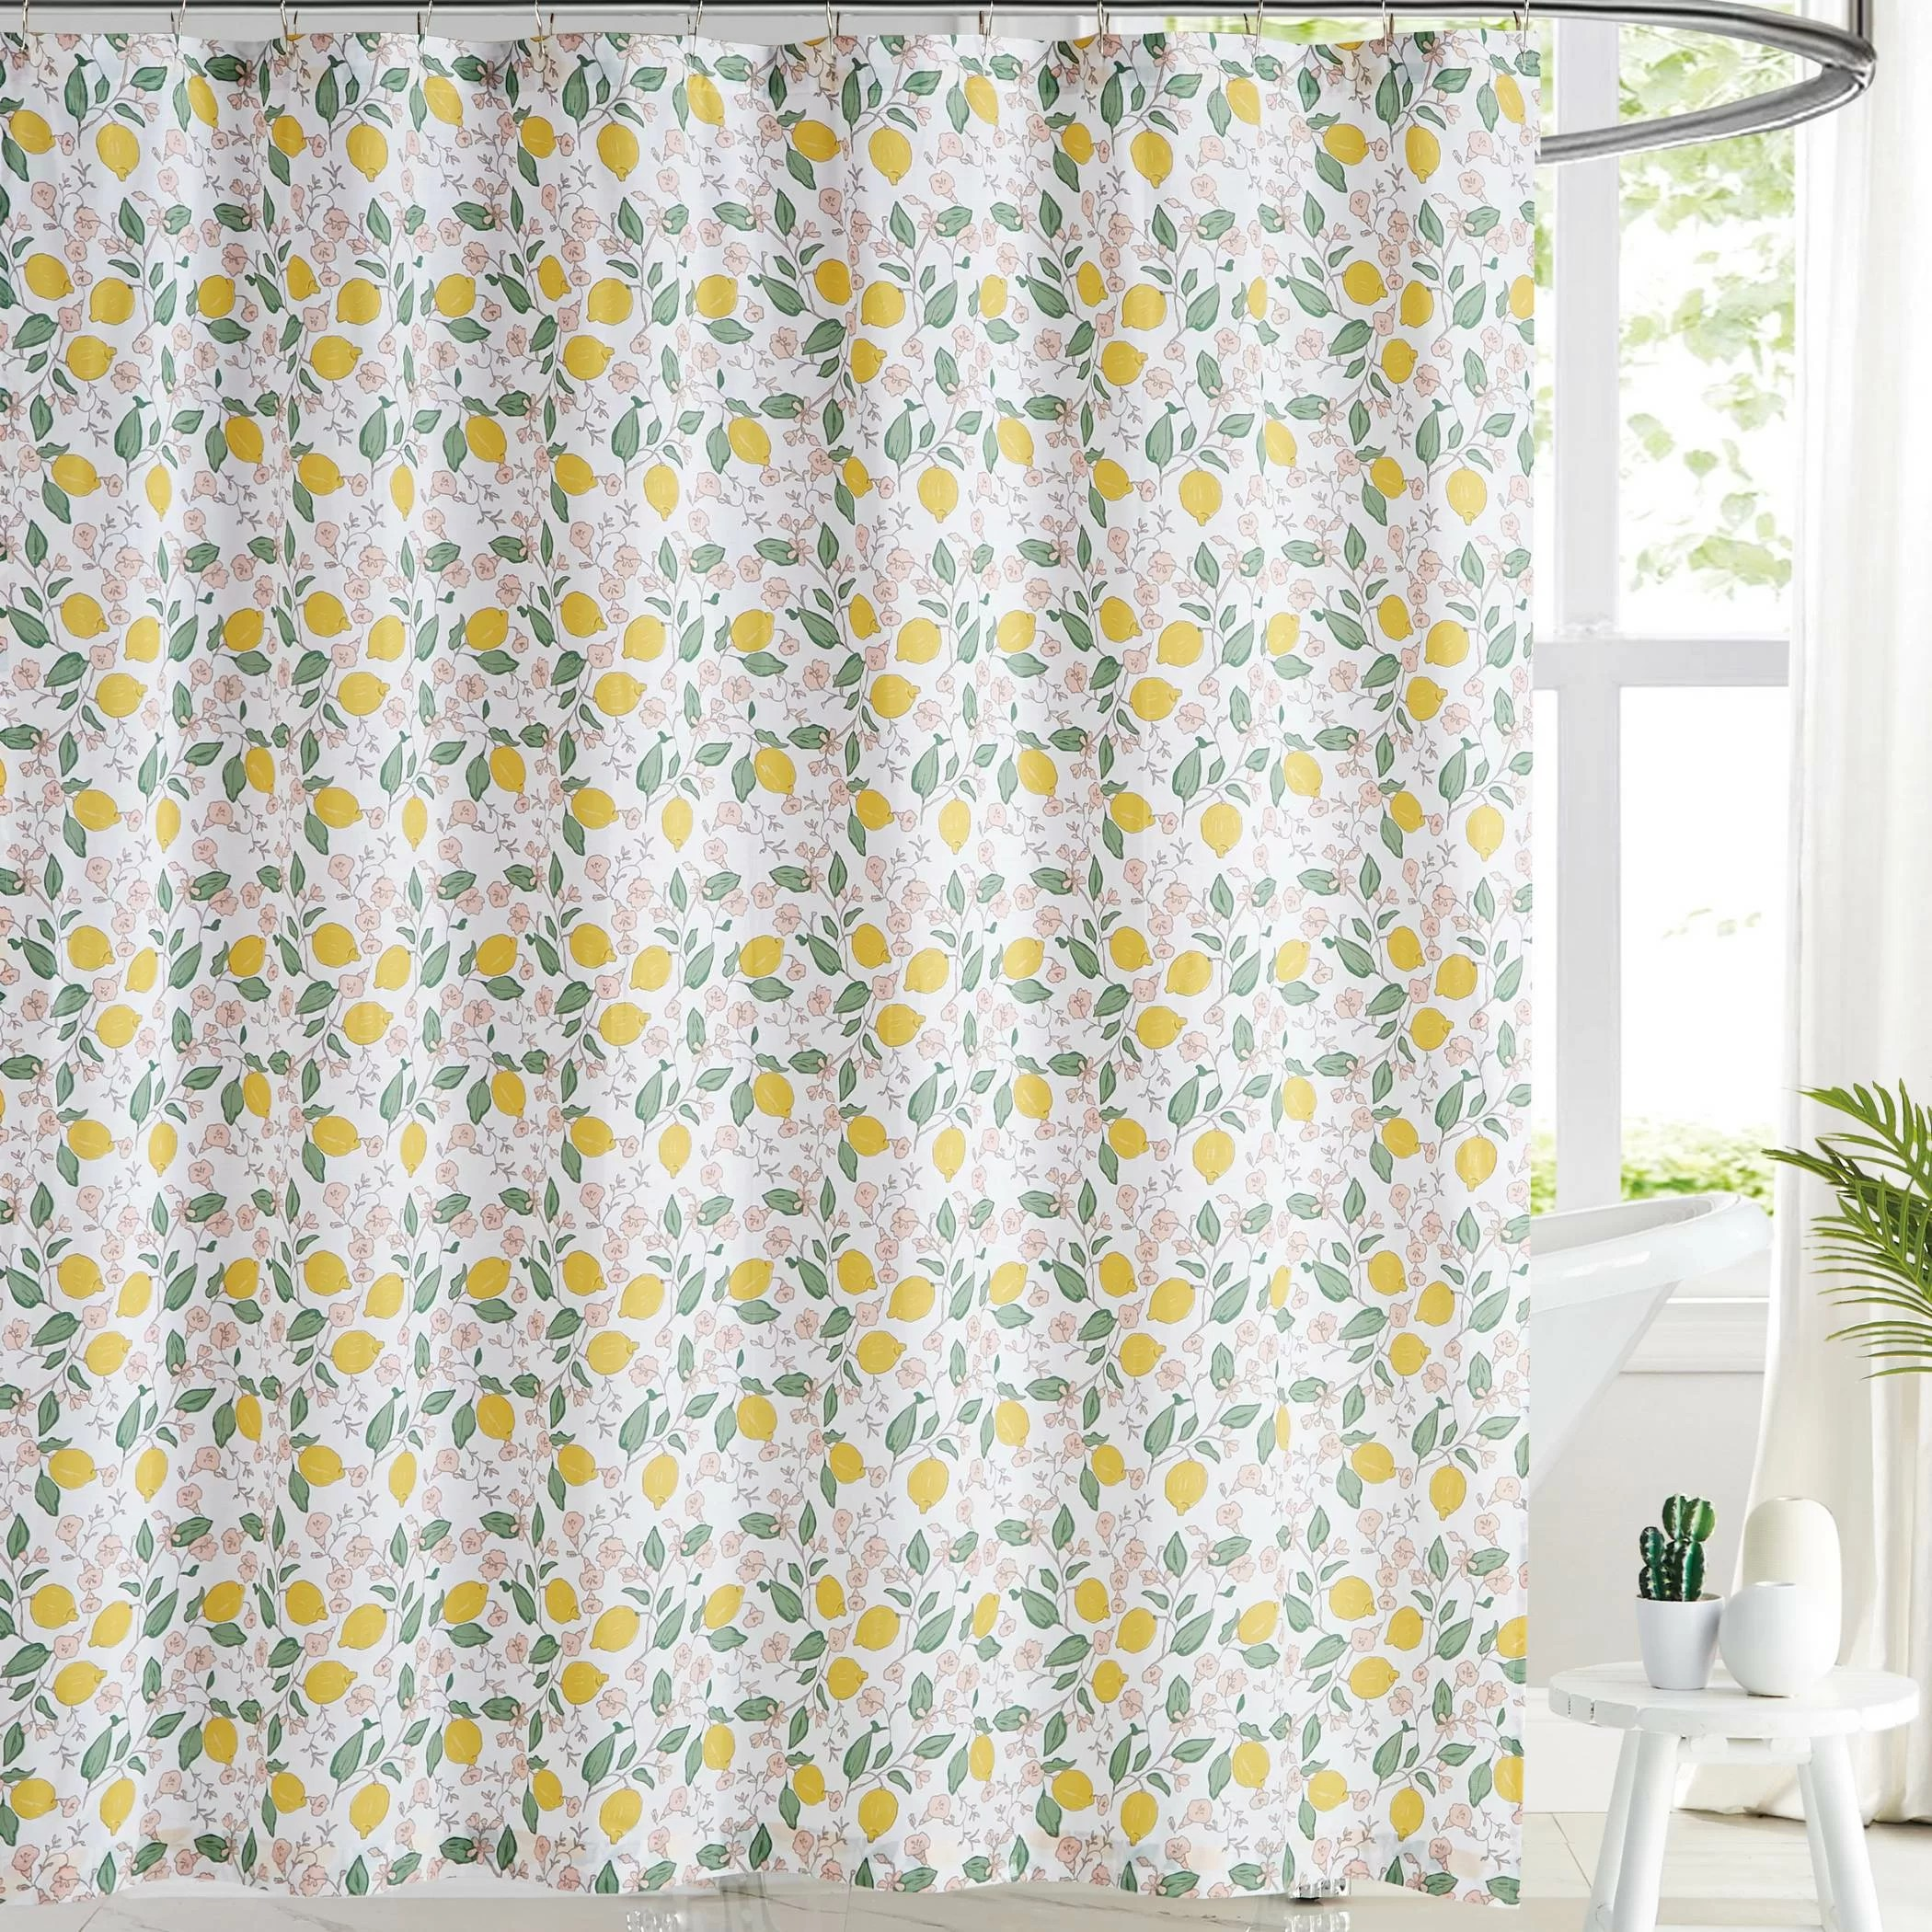 vanbrugh 100 cotton floral single shower curtain